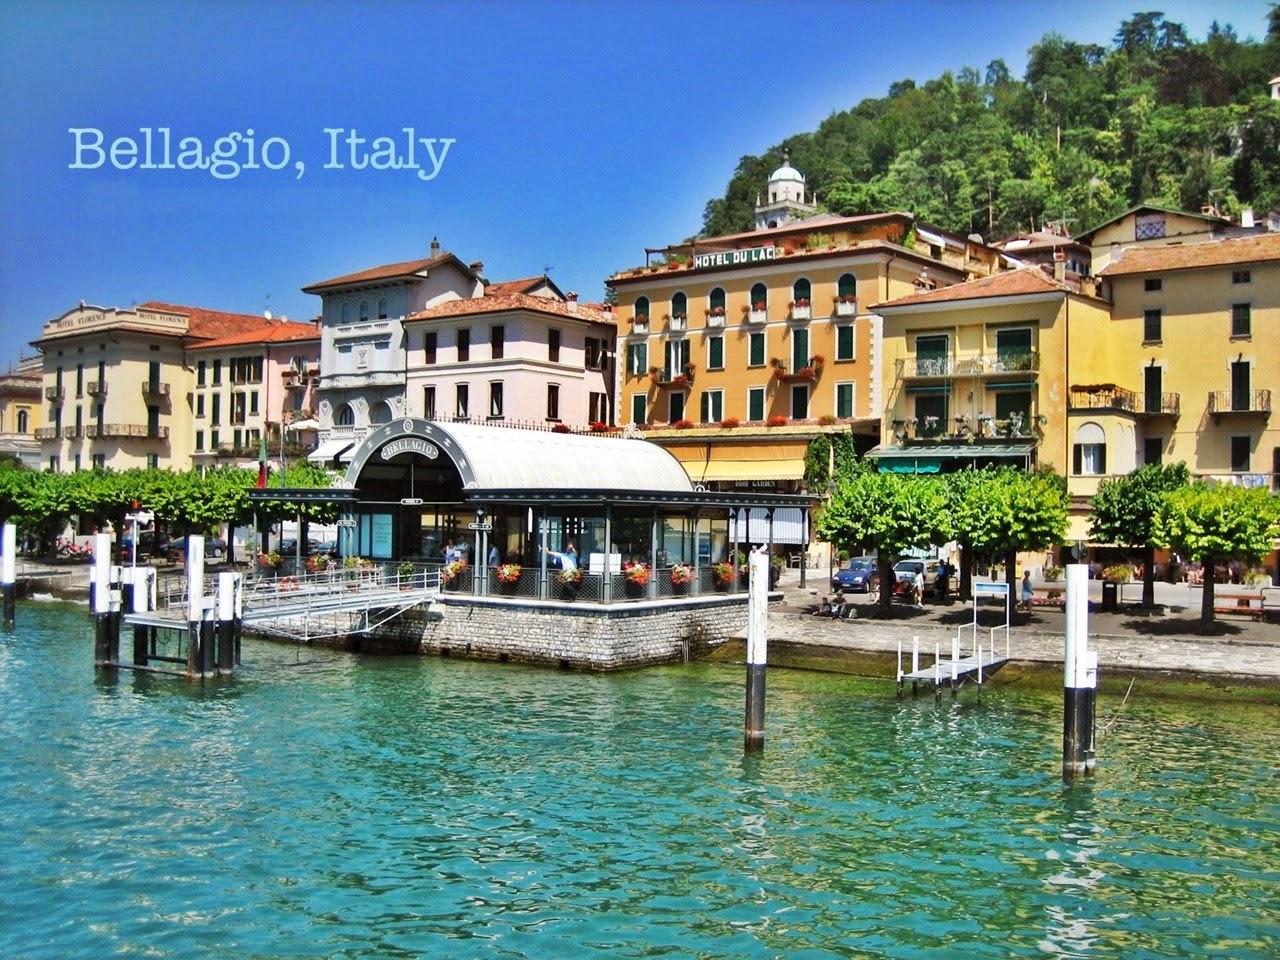 италия город Белладжио